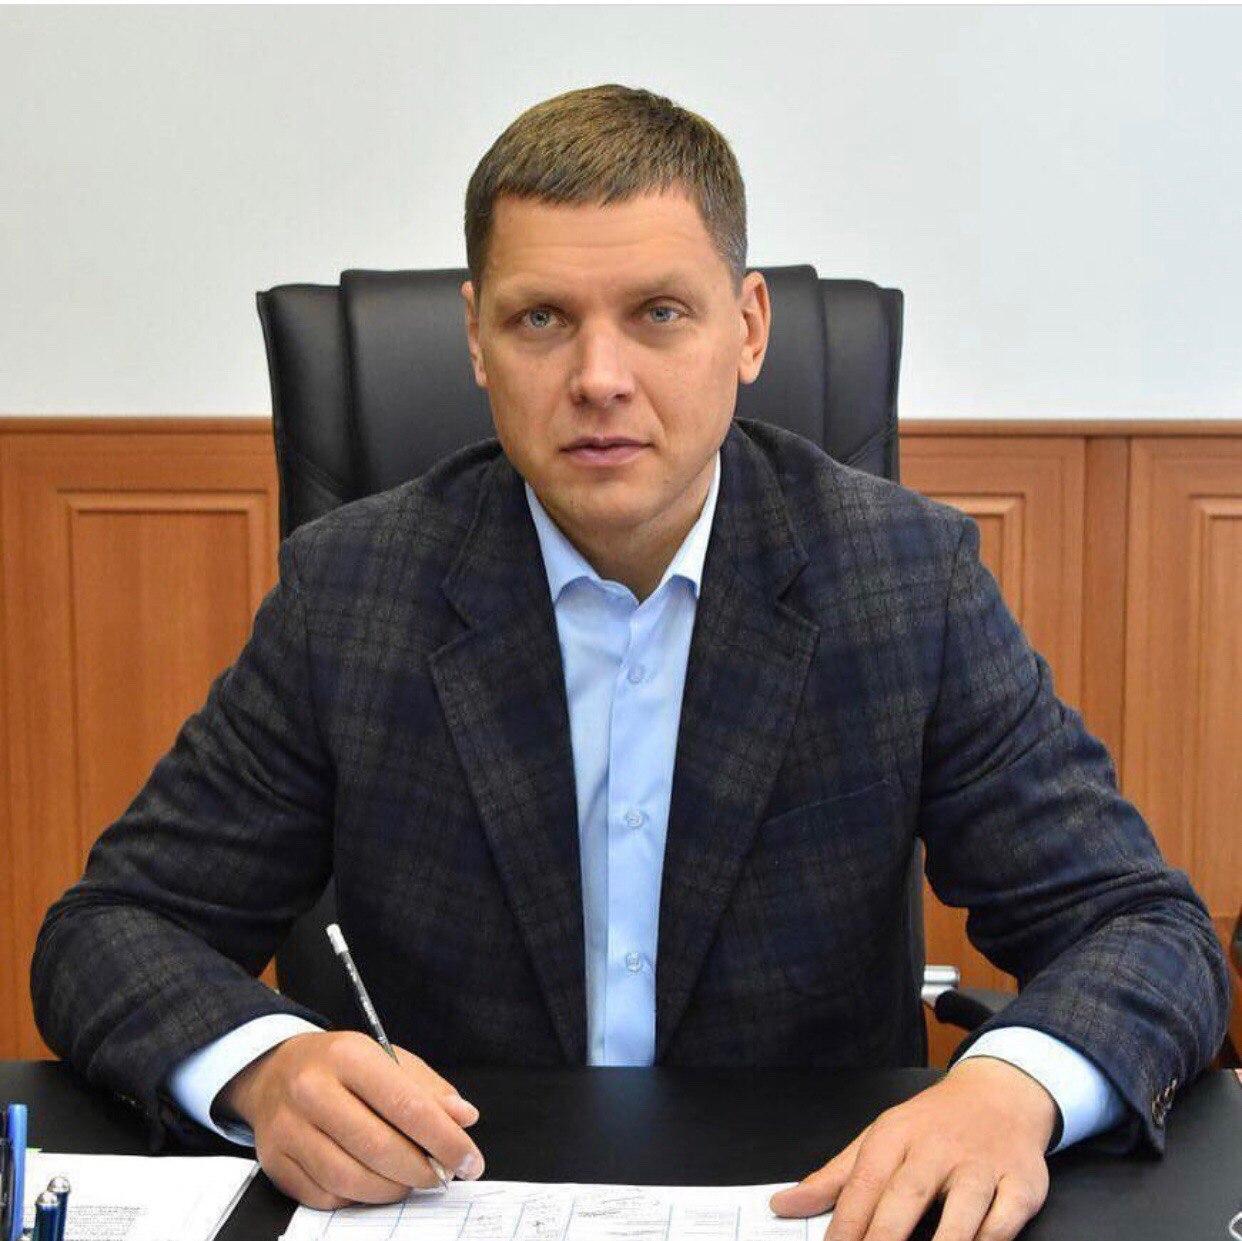 Глава дмитровского района попал в аварию